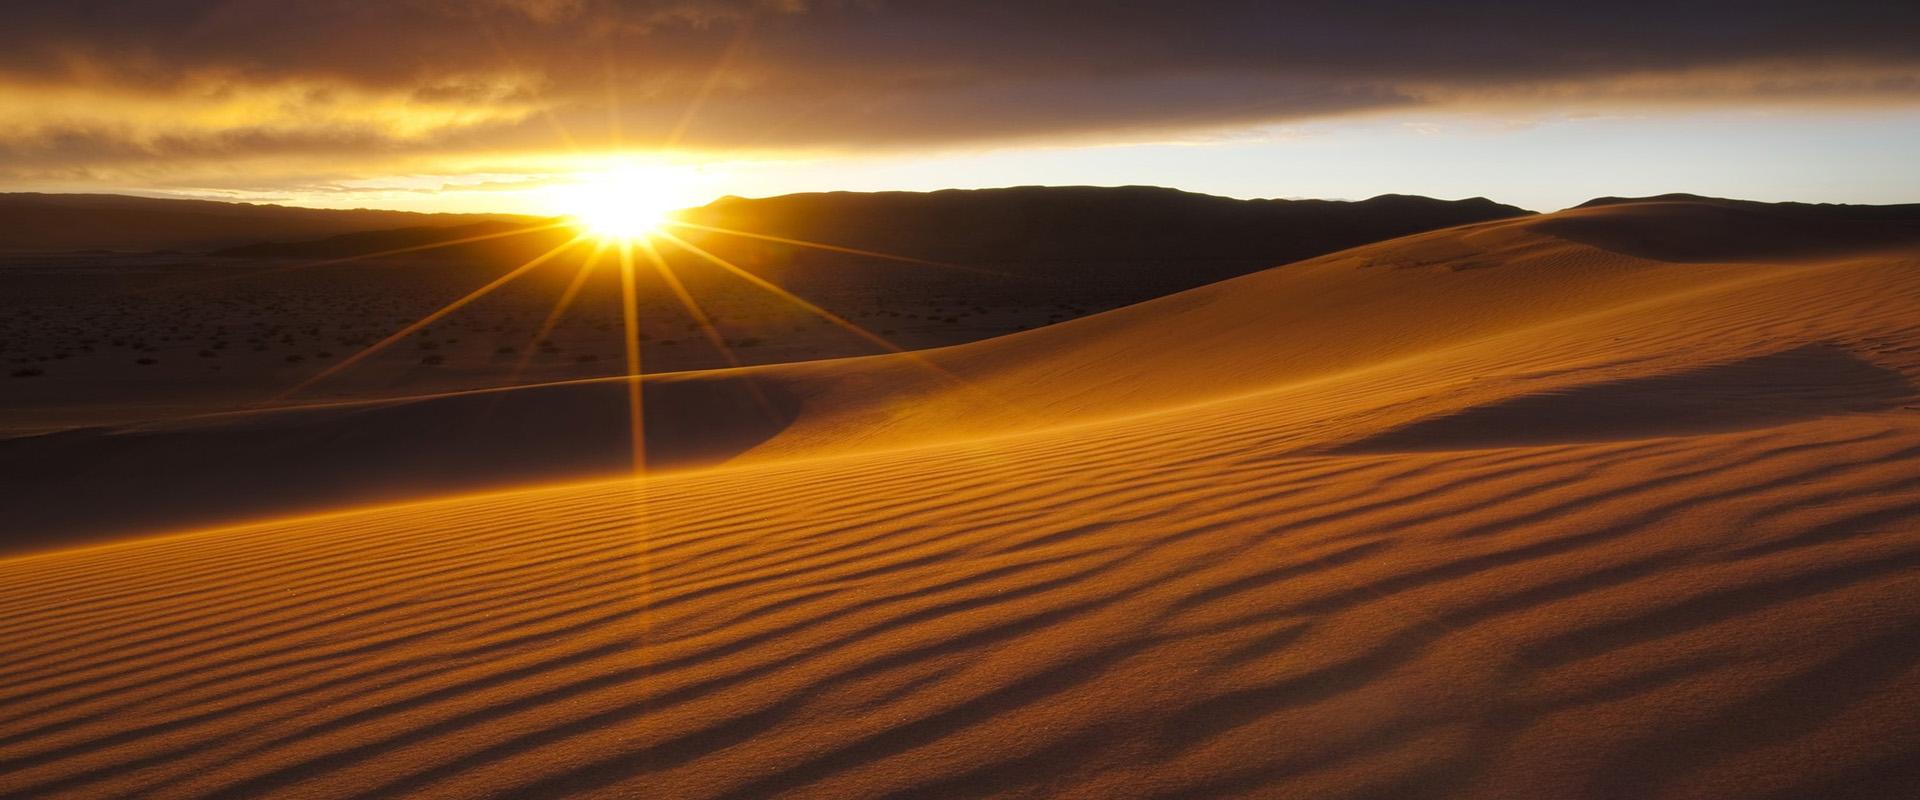 Hintergrund Wüste